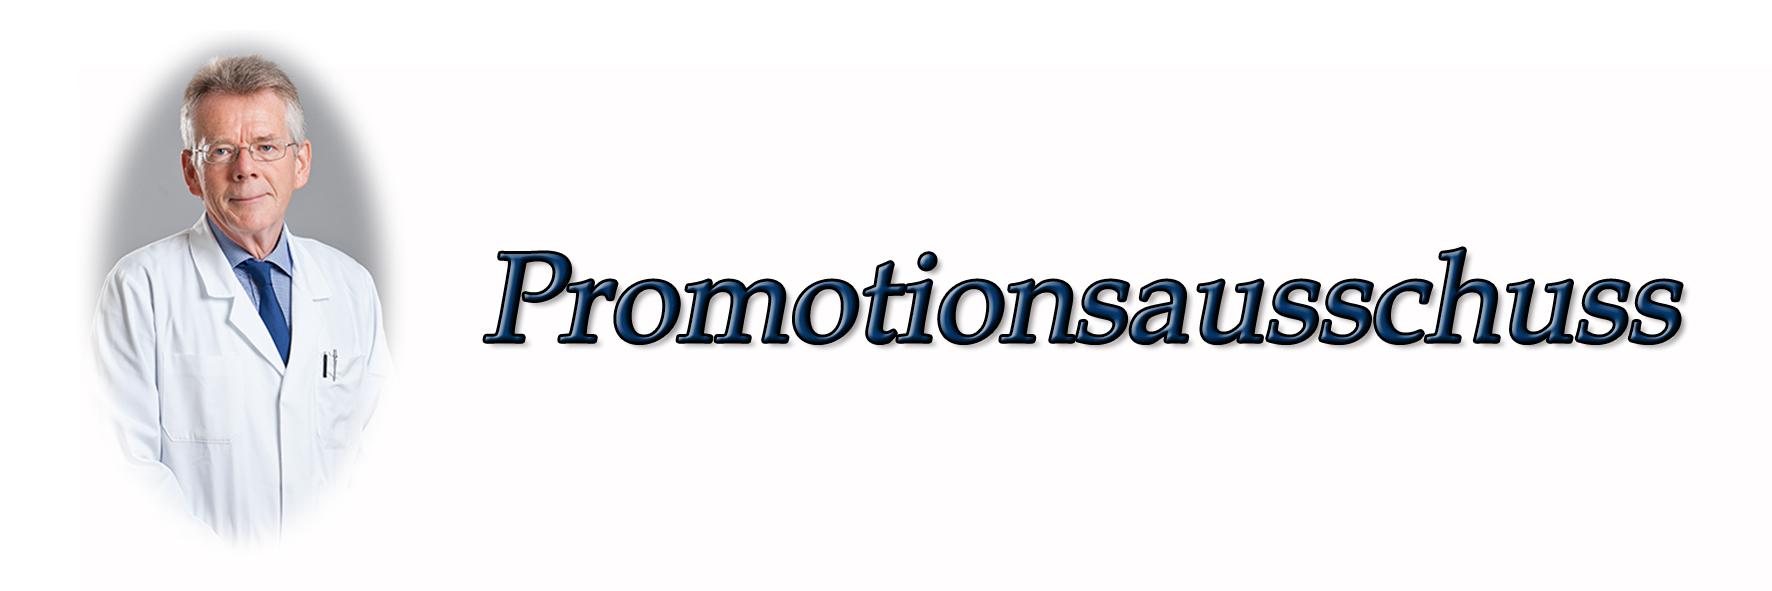 Promotionsmöglichkeiten